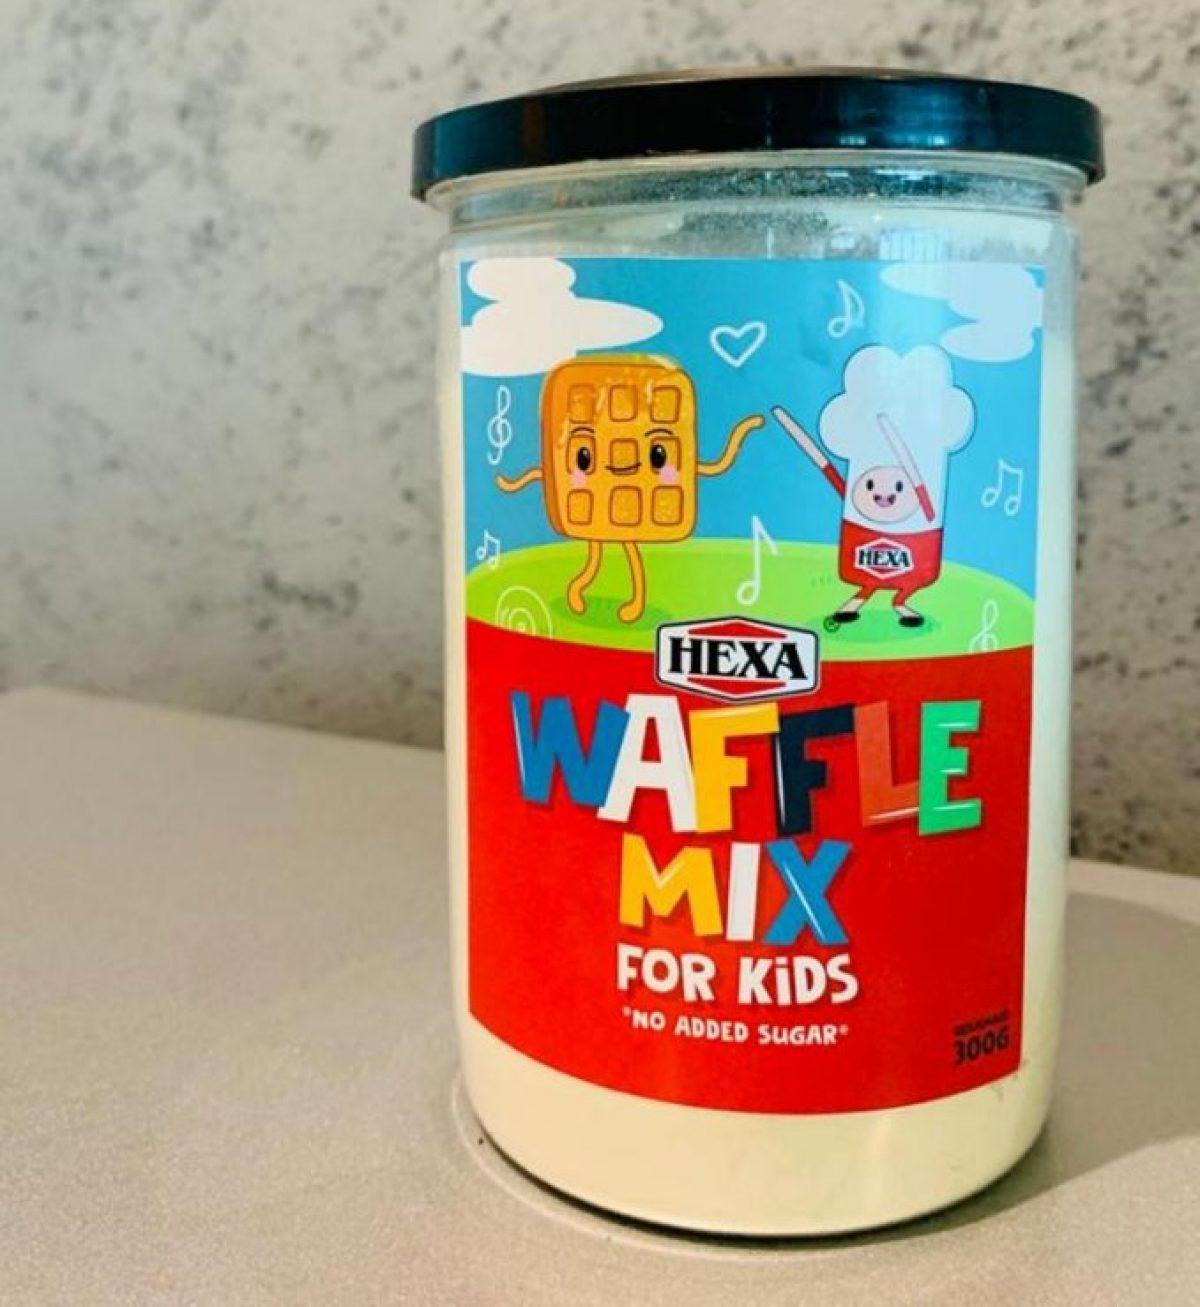 Hexa waffle mix